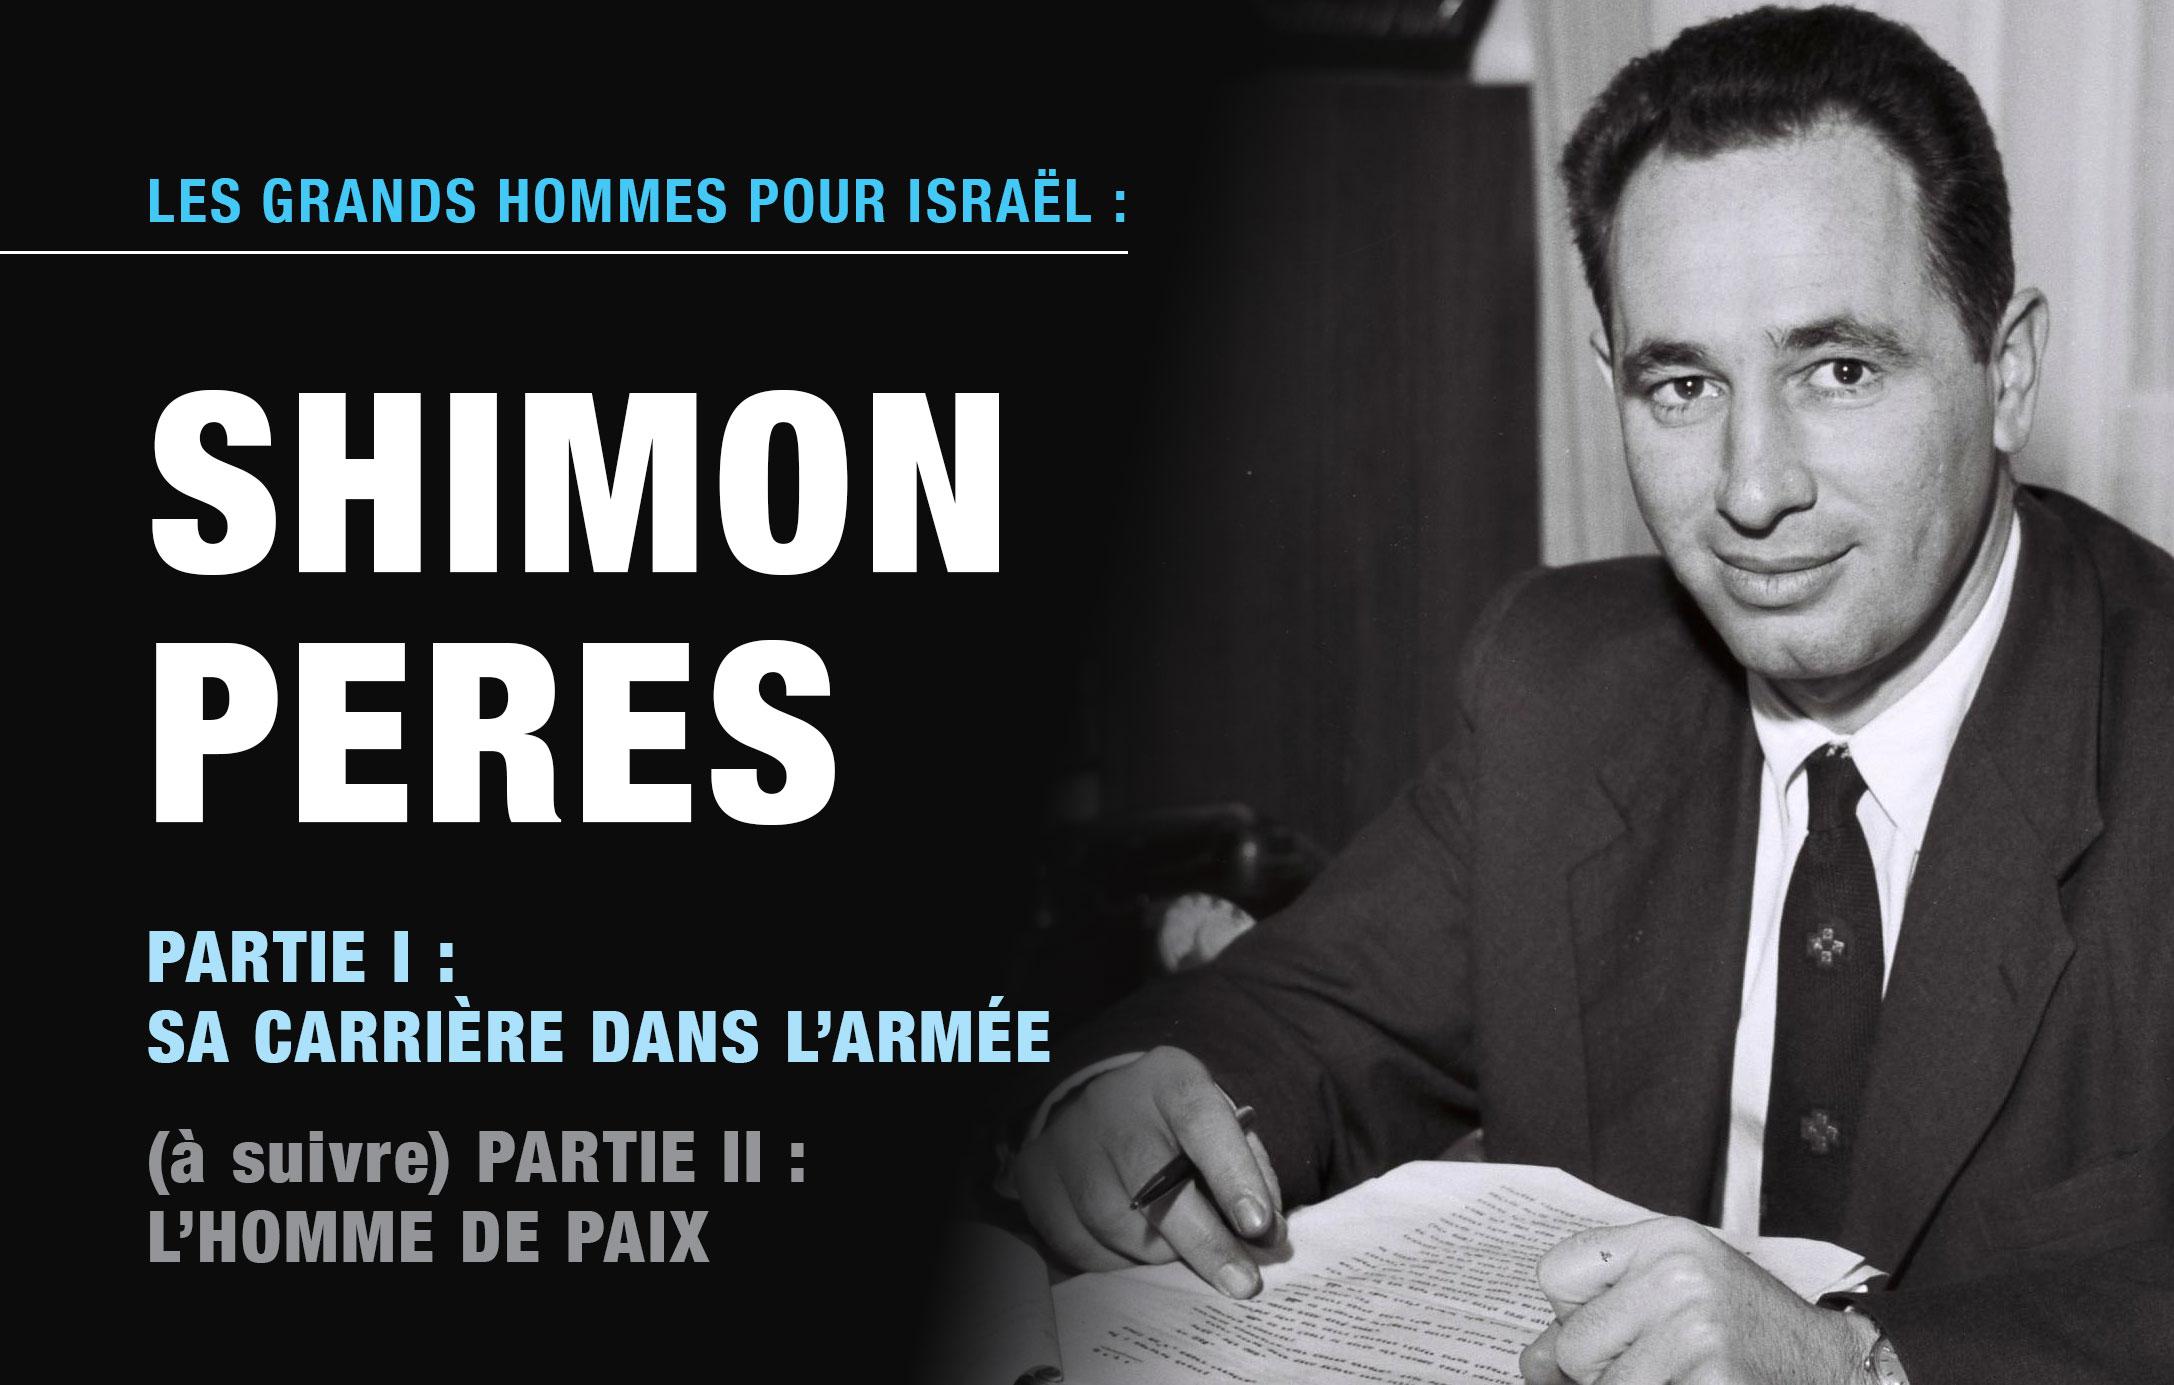 Shimon Peres, partie I/II : sa carrière dans l'armée